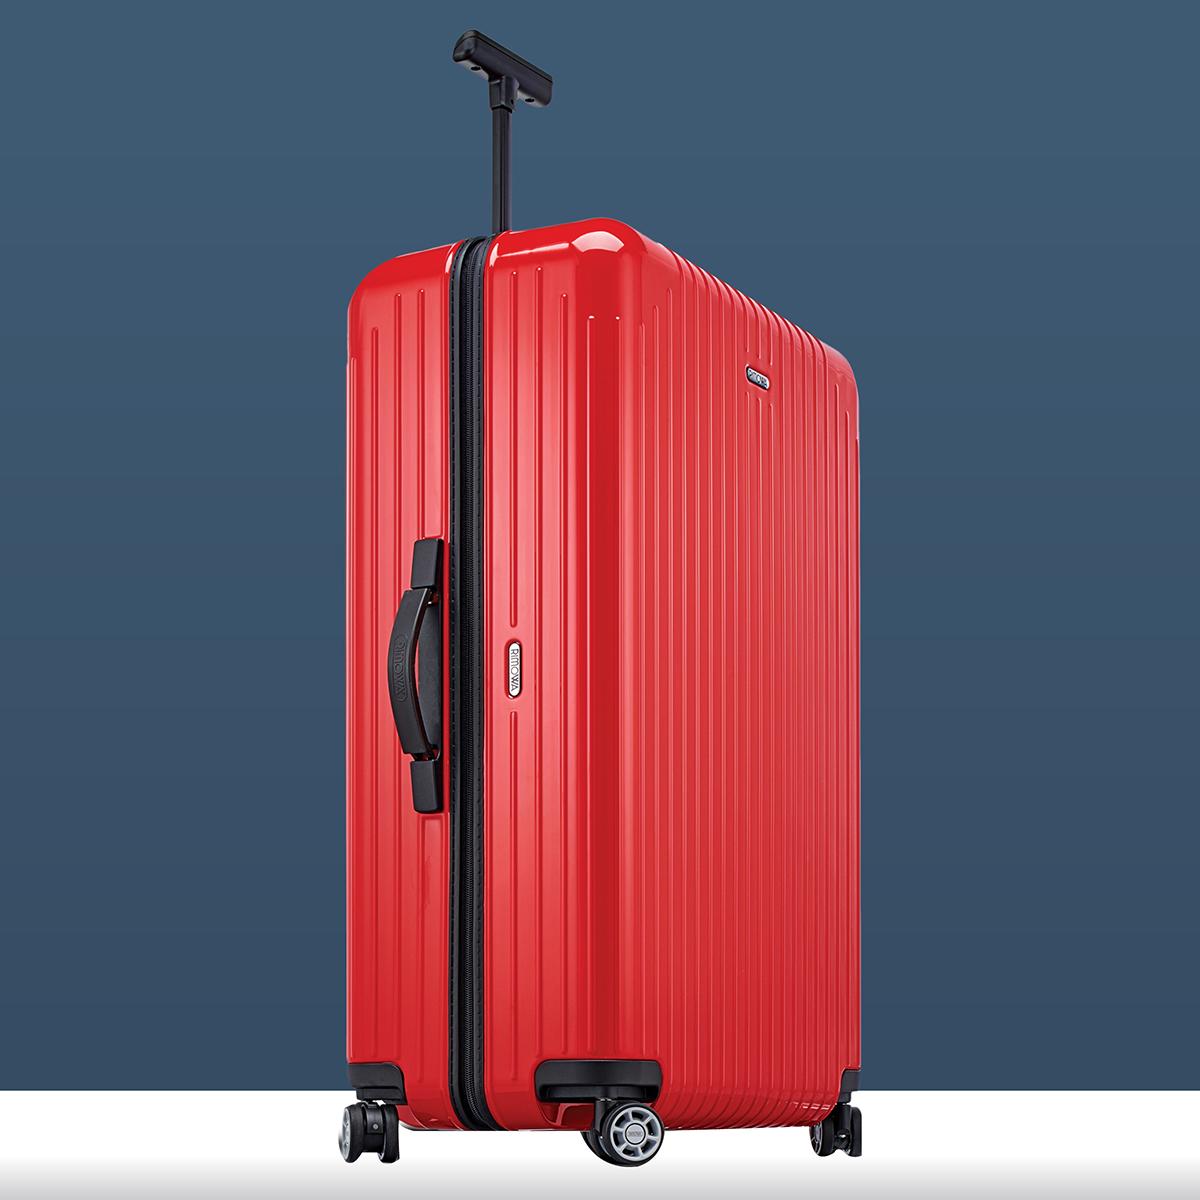 rimowa salsa air suitcase luggage